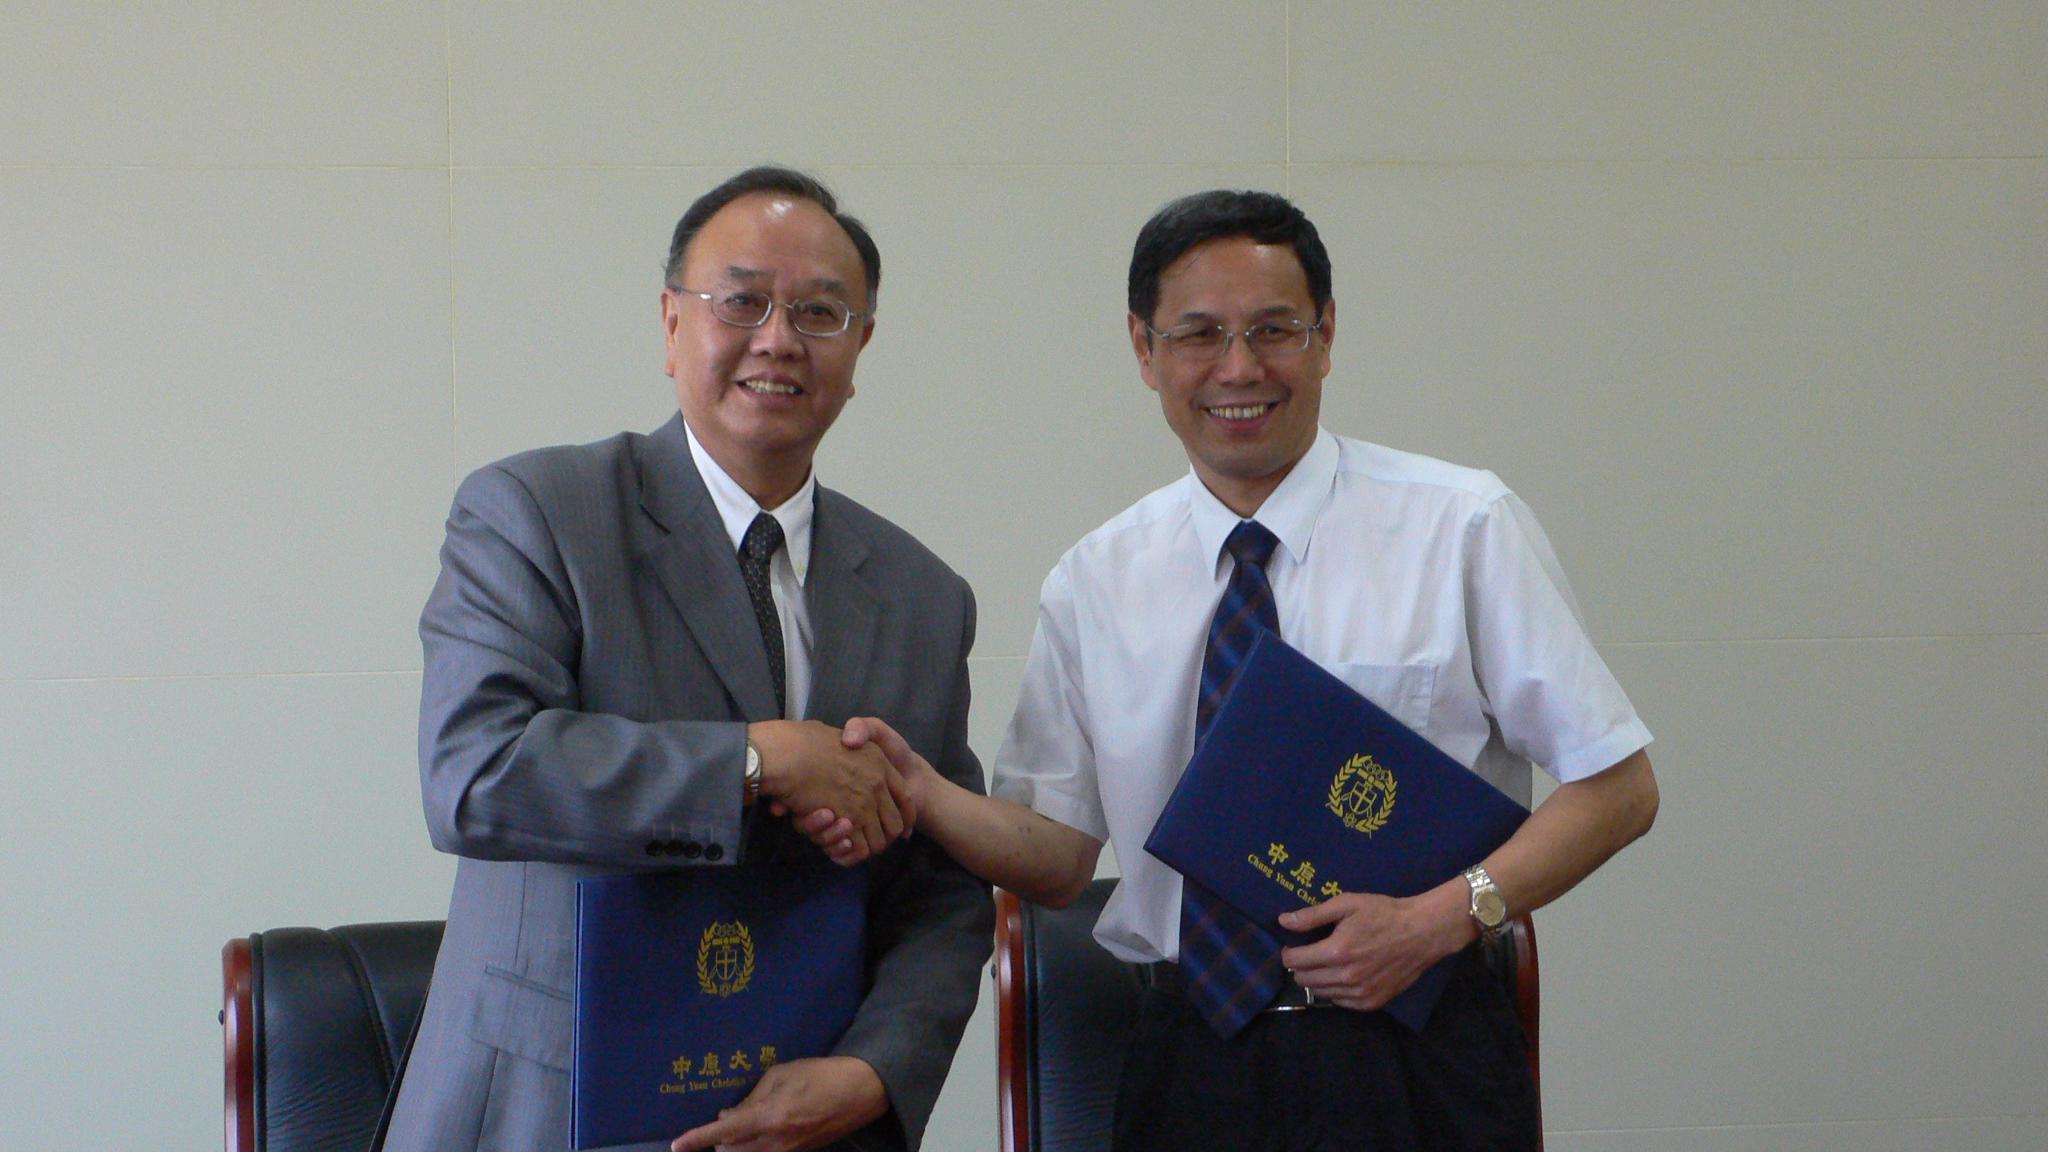 中原大學與中南財經政法大學簽約 法學研究更上層樓